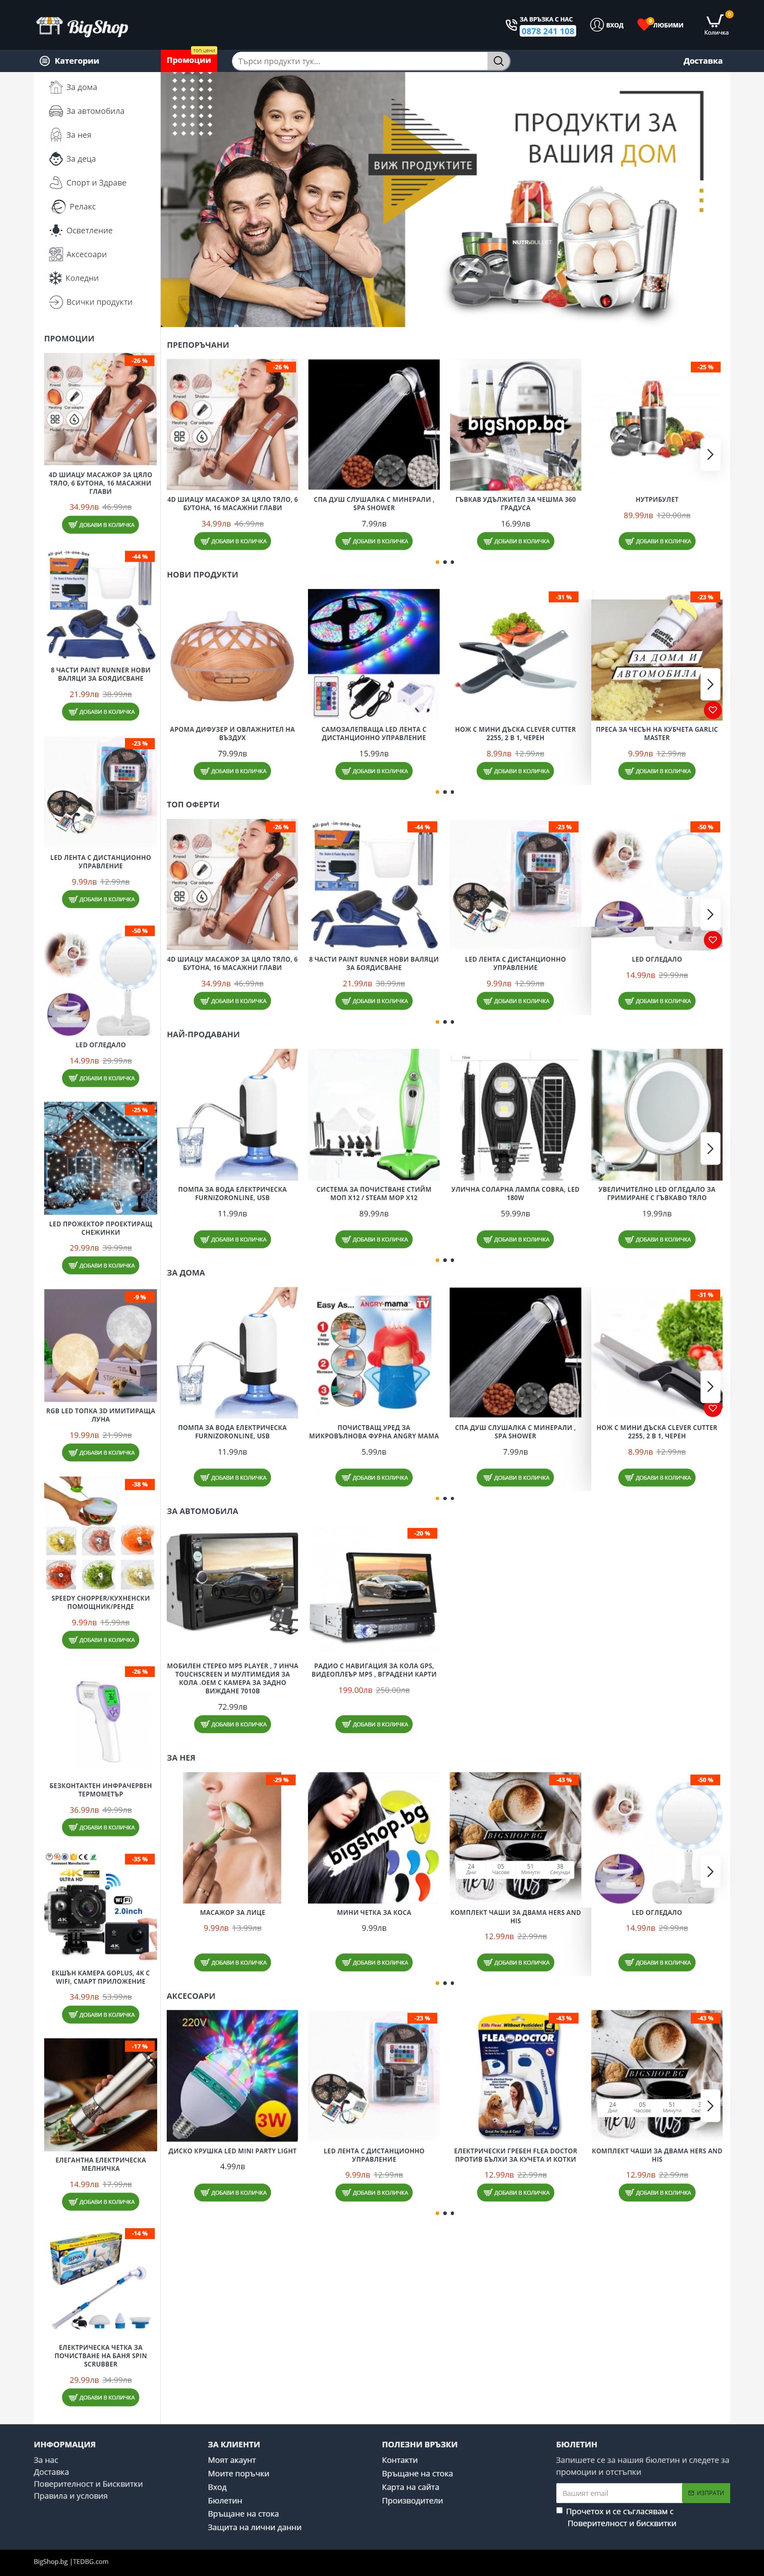 Онлайн магазин за продукти